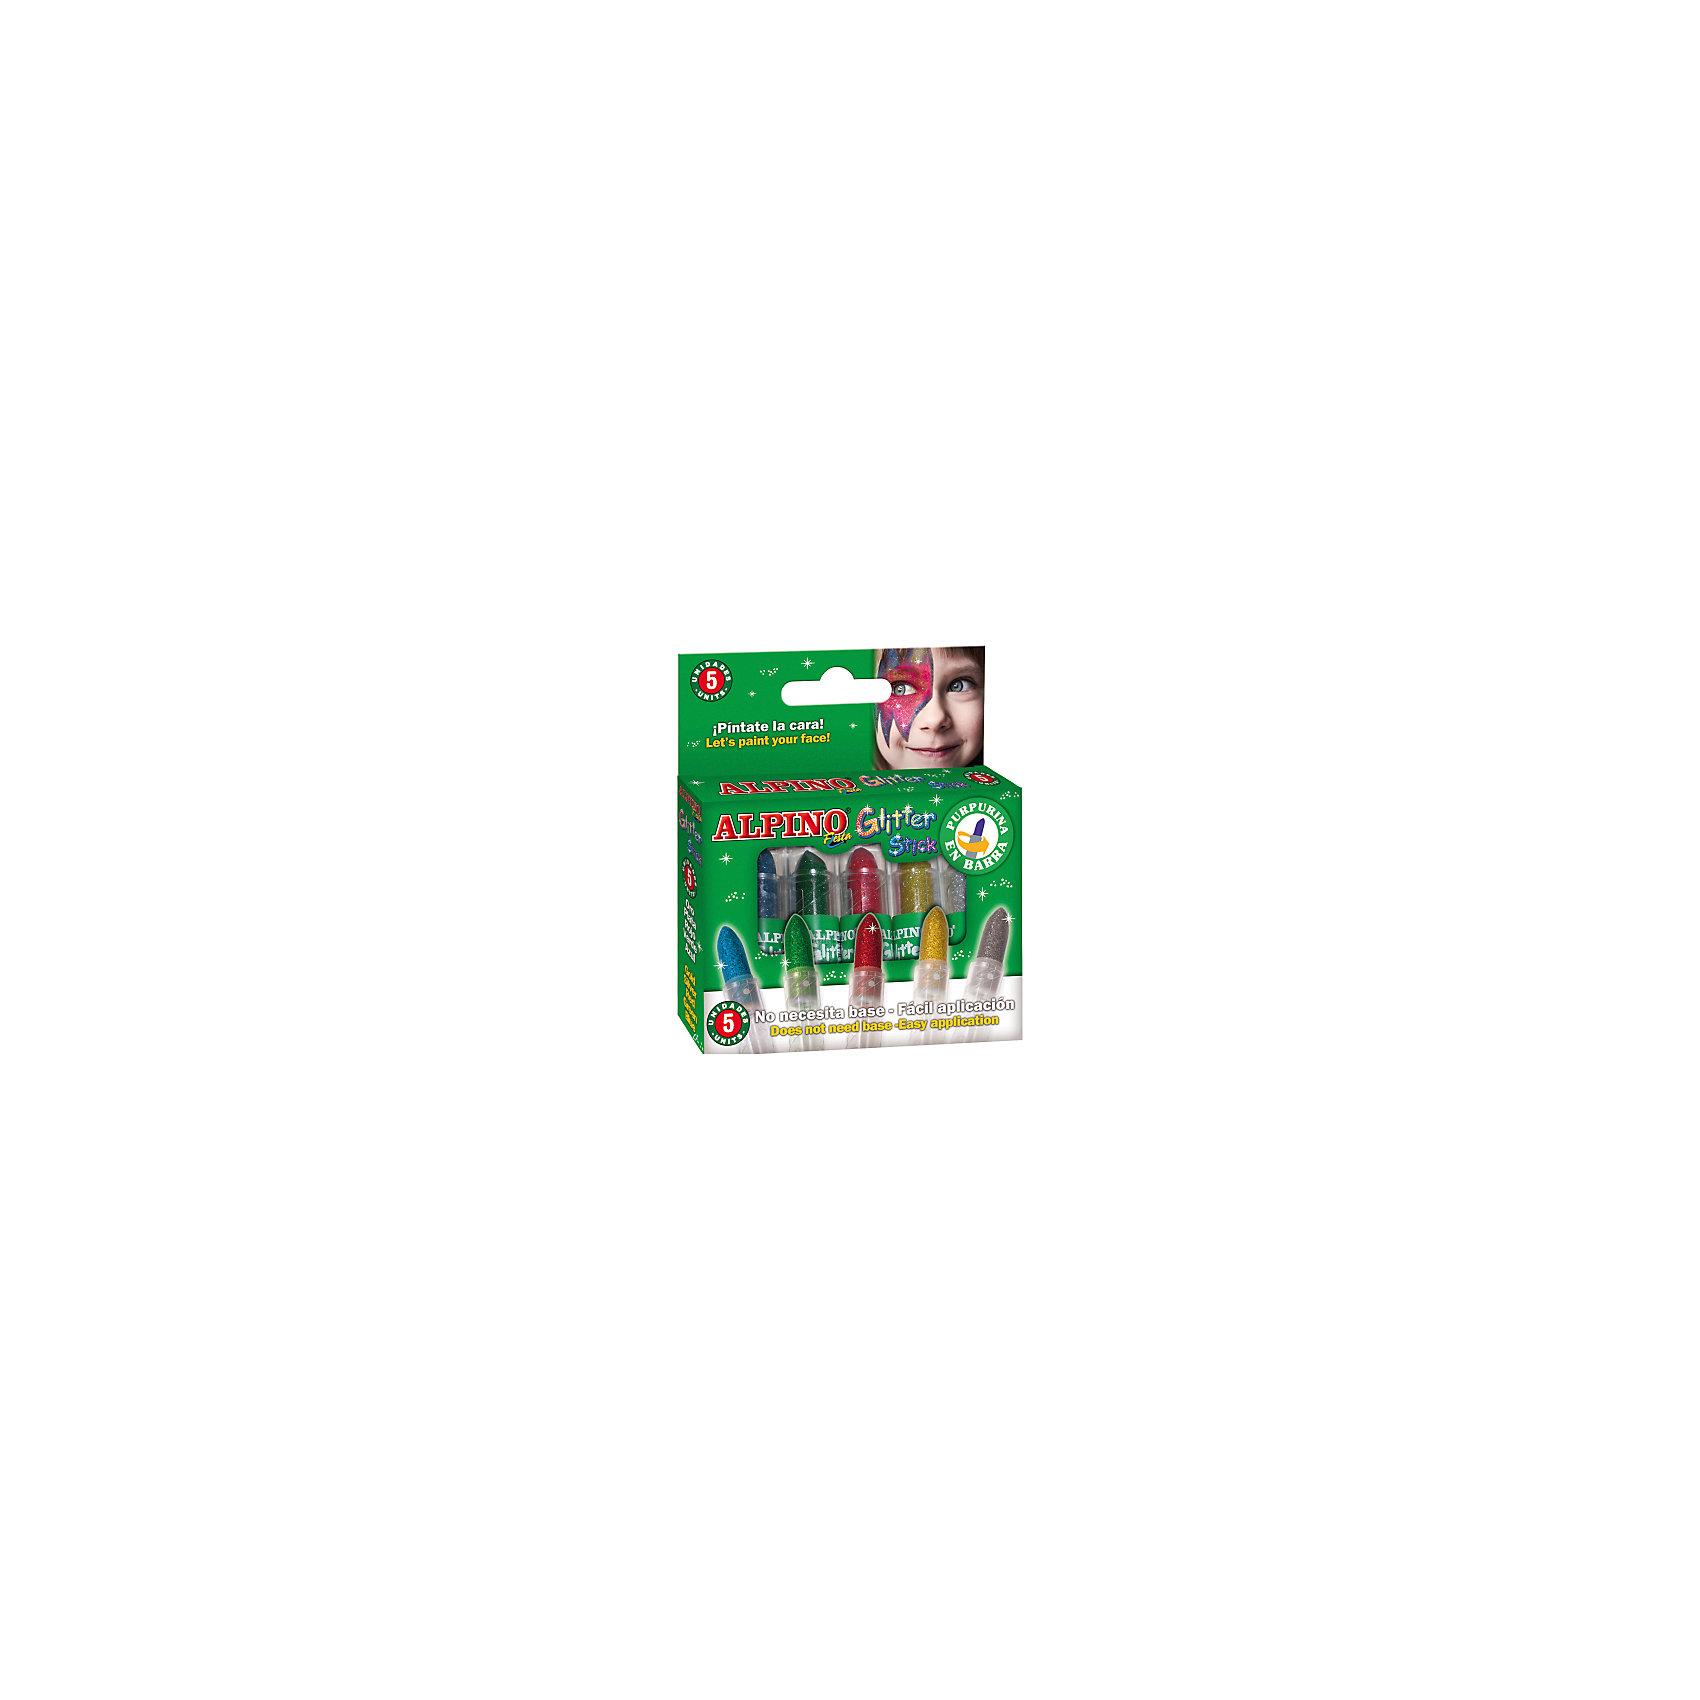 Детский аквагрим Glitter Stick (макияжные карандашис блестками), 5*4 гр, 5 цв.Экологичная детская декоративная косметика европейского производства, изготовленная по наилучшим существующим технологиям на основе растительных ингредиентов и воды<br>Не содержит компонентов молока, яиц, клейковины, орехов, бобов, латекса и других потенциально аллергенных ингредиентов (Non-Allergic)<br>Разрешена для применения детьми от 3 лет по европейским стандартам качества и безопасности, а также нормам ТР ТС 009/2011 «О безопасности парфюмерно-косметической продукции» (включена в перечень детских товаров, допущенных к обращению во всех странах Таможенного союза)<br>Рекомендуется педагогами и медицинскими специалистами для эффективного развития детей в ходе игровых форм обучения и воспитания. Считается лучшей продукцией для художественного самодеятельного творчества, детских праздников, дискотек и других культурно-развлекательных и спортивно–зрелищных молодежных мероприятий<br>Состав набора: макияжные карандаши с блёстками в тюбике (5 x 4 гр, 5 цв.)<br>Макияжные карандаши с блёстками имеют высокую кроющую способность и представлены в наборе синим, зелёным, красным, золотым и серебряным цветами. Нанесённый макияж не пачкается и имеет глянцевый тон, пластиковый тюбик позволяет хранить и переносить карандаши вне упаковки, например, в карманах, пеналах, портфеле или ранце. Набор является идеальным решением для создания нужного образа на празднике или для дружной и выразительной поддержки любимой команды на спортивных, музыкальных, художественных и иных состязаниях и конкурсах<br>Предварительное нанесение пасты-грунта не требуется, продукция безопасна при интенсивном контакте с кожей в течение длительного времени (не менее 24 часов)<br>Легко смывается с кожи, не имеет запаха, не красится, не оставляет жирных пятен, отстирывается с детской одежды и других тканей в режиме обычной стирки<br>Упаковка с европетлей<br>Производитель: ALPINO (Испания)<br><br>Ширина мм: 100<br>Глубина мм: 20<br>Выс